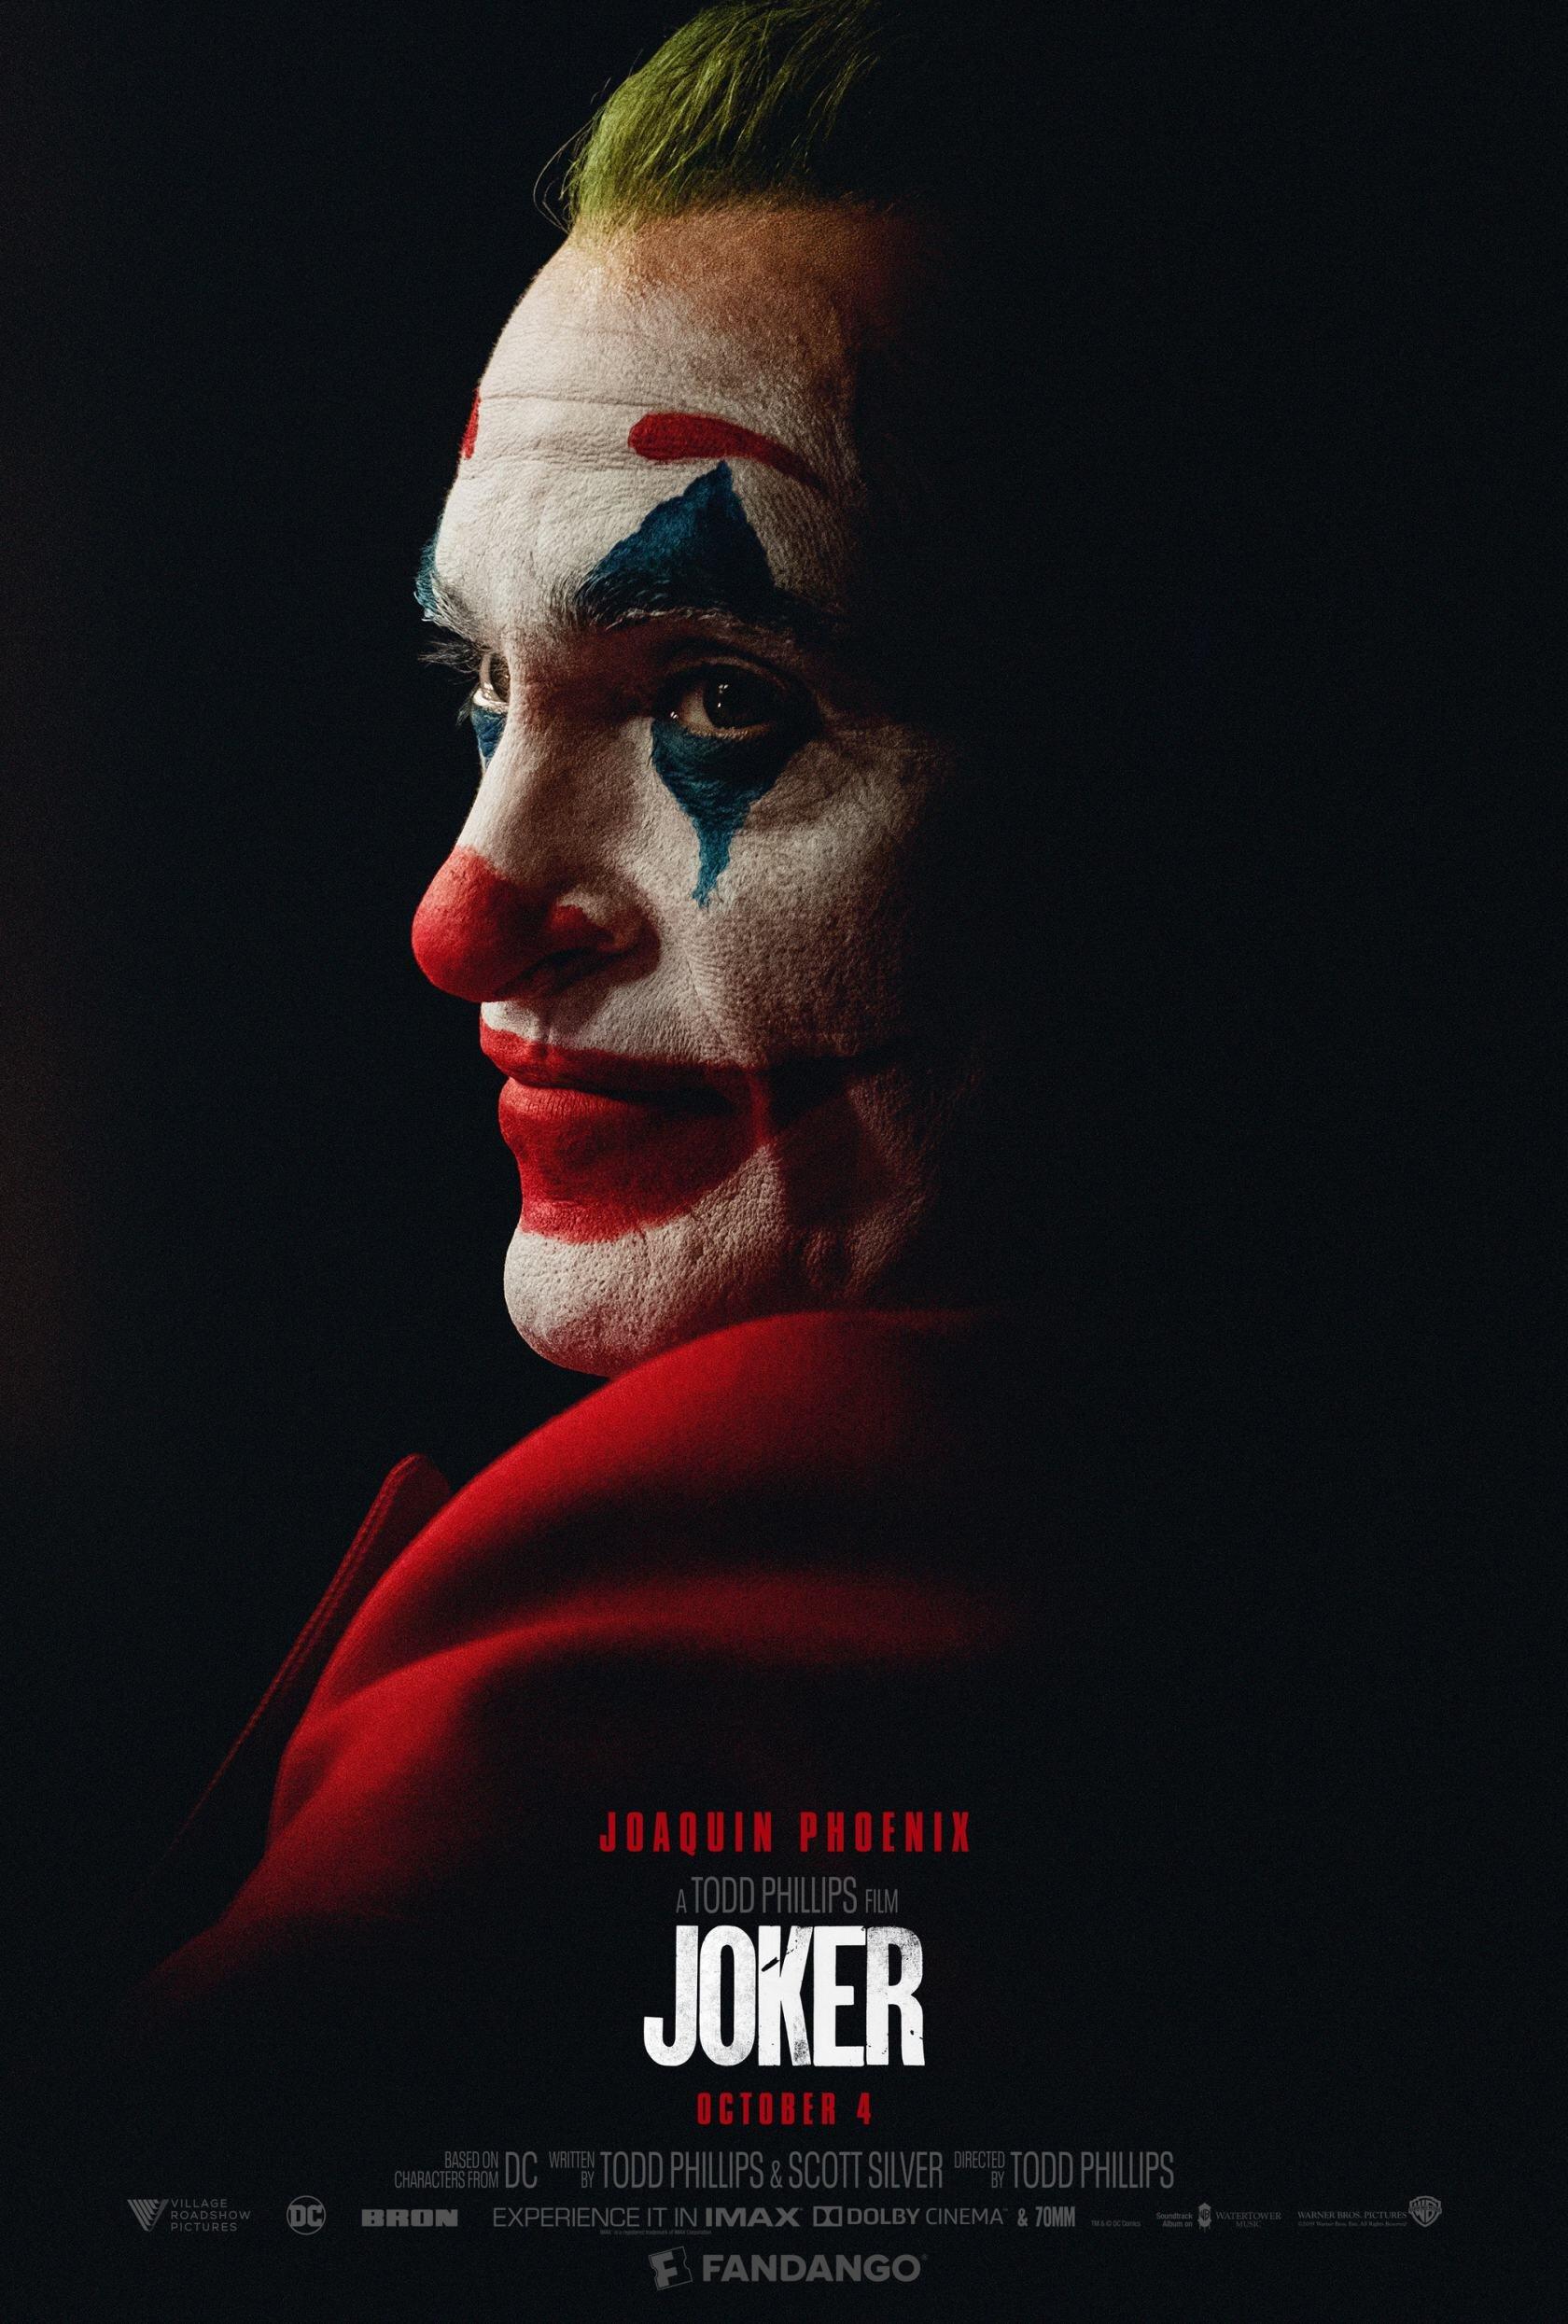 joker-2019-poster-8.jpg